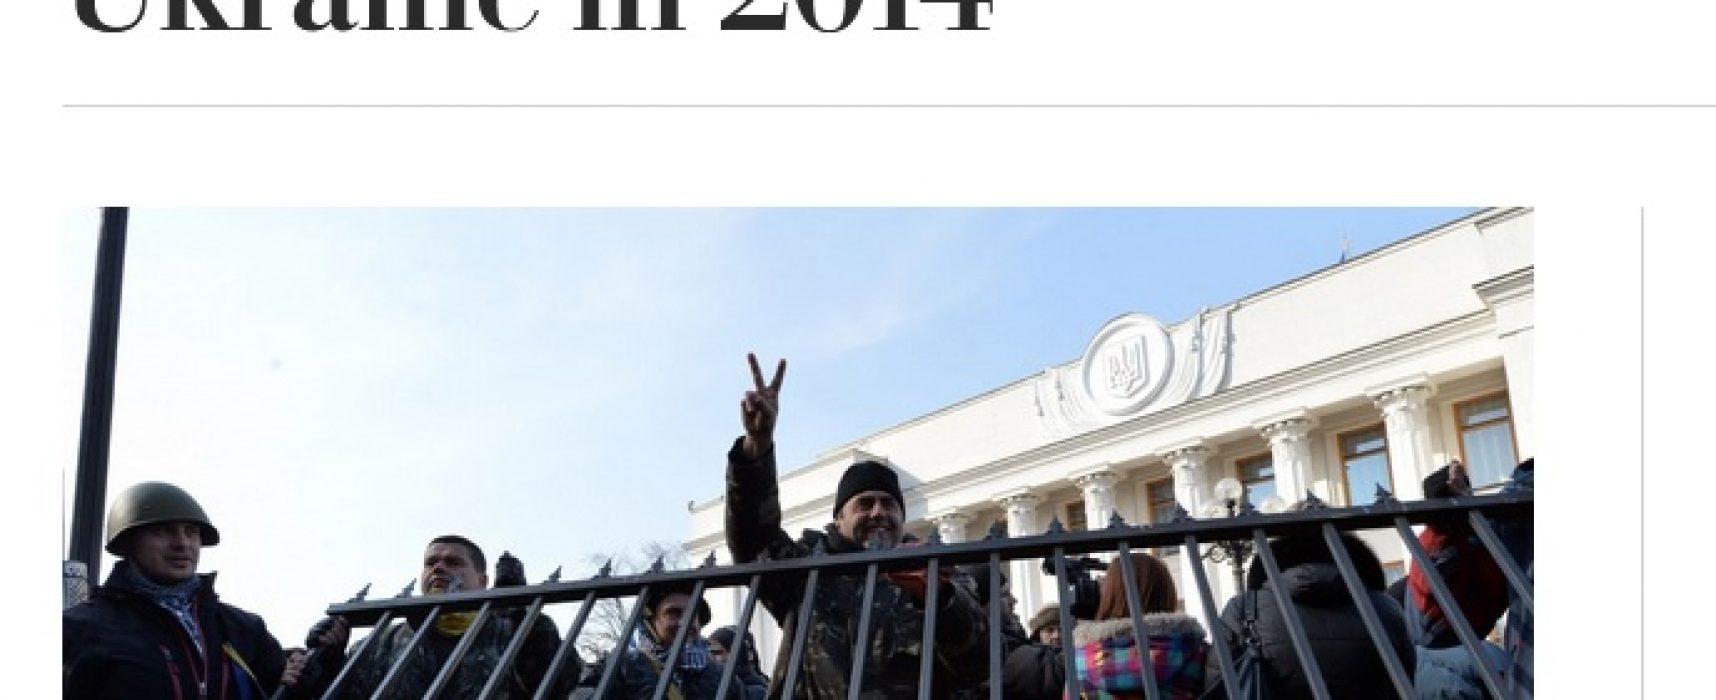 The Washington Post: През февруари 2014 руското разузнаване организирало в социалните мрежи дискредитиране на събитията на Майдана